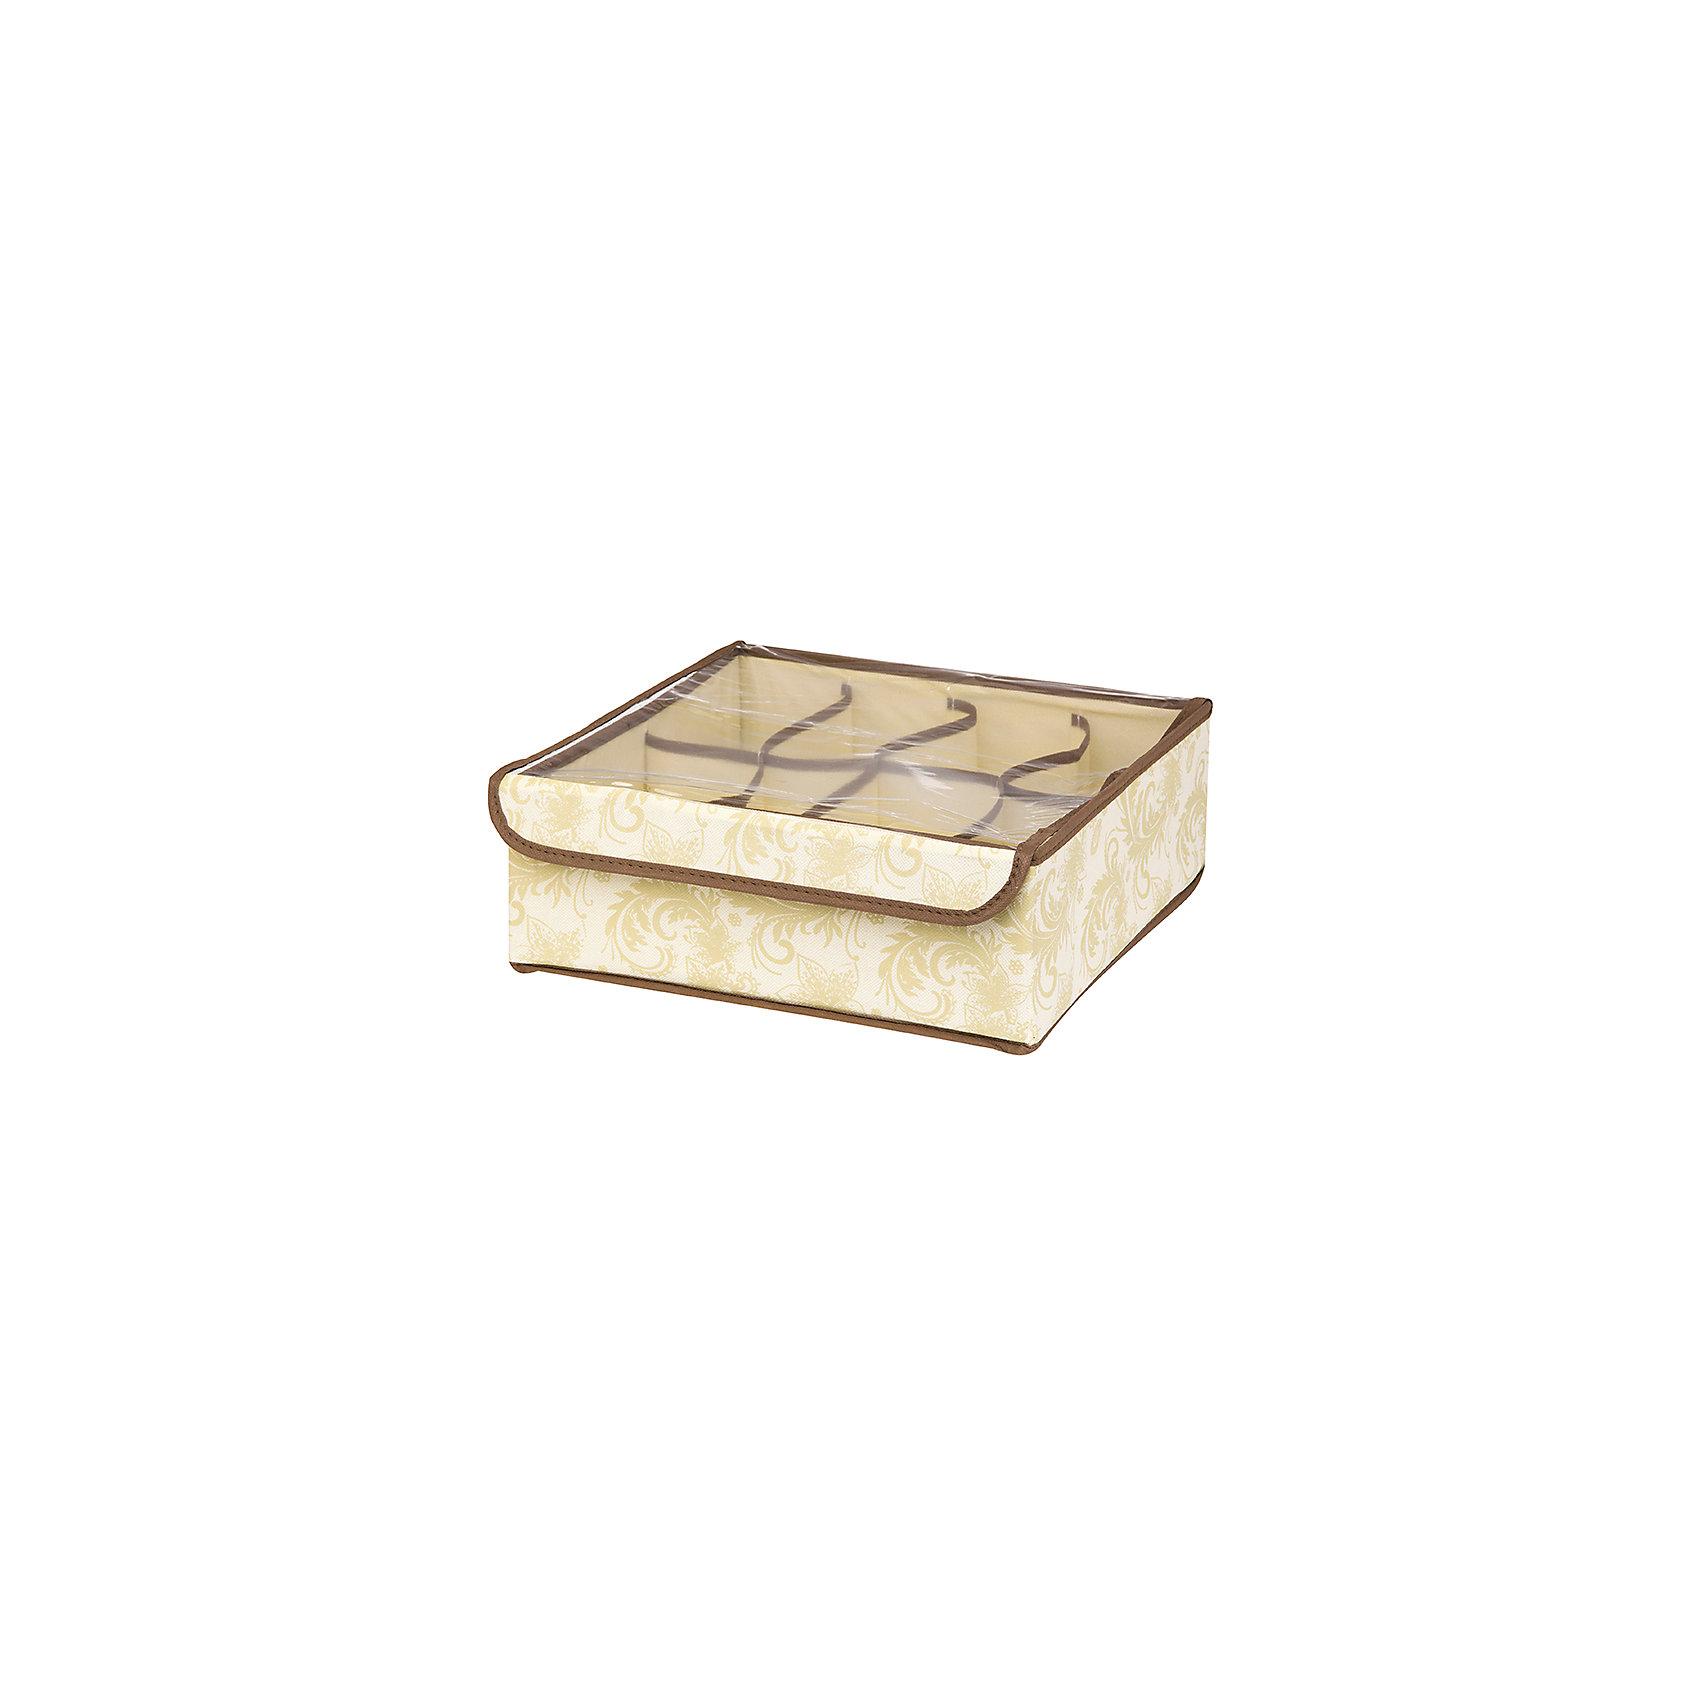 Кофр для нижнего белья и носков 32*32*12 см. Бежевый узор, 8 секций, EL CasaПорядок в детской<br>Характеристики товара:<br><br>• цвет: бежевый<br>• материал: текстиль (полиэстер 100%)<br>• размер: 32 х 32 х 12 см<br>• вес: 300 г<br>• декорирован принтом<br>• прозрачная крышка<br>• защита от пыли<br>• естественная вентиляция<br>• 8 отделений<br>• удобный<br>• универсальный размер<br>• страна бренда: Российская Федерация<br>• страна производства: Китай<br><br>Такой кофр - отличный пример удобной и функциональной вещи для любого интерьера. В нем удобной хранить различные мелочи, например, нижнее белье и носки.<br><br>Кофр с жёстким каркасом для хранения может стать отличным приобретением для дома или подарком для любителей красивых оригинальных вещей.<br><br>Бренд EL Casa - это красивые и практичные товары для дома с современным дизайном. Они добавляют в жильё уюта и комфорта! <br><br>Кофр для нижнего белья и носков 32*32*12 см. Бежевый узор, 8 секций, EL Casa можно купить в нашем интернет-магазине.<br><br>Ширина мм: 330<br>Глубина мм: 125<br>Высота мм: 15<br>Вес г: 275<br>Возраст от месяцев: 0<br>Возраст до месяцев: 1188<br>Пол: Унисекс<br>Возраст: Детский<br>SKU: 6668773